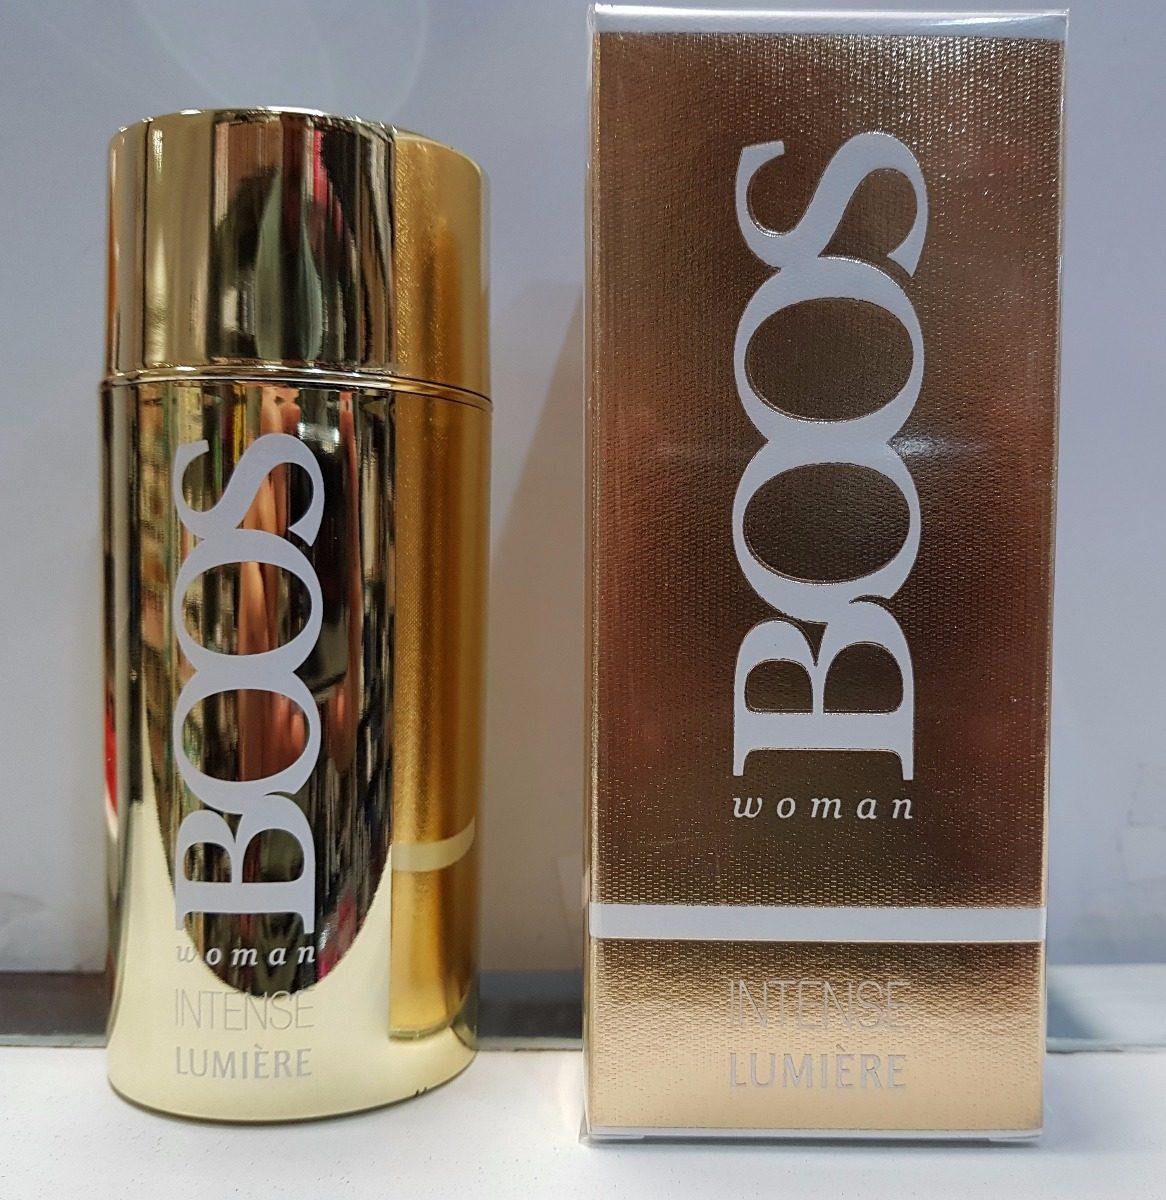 90 X Boos Woman Lumiere Fragancia Perfume Ml Edp Intense ynmvOwN80